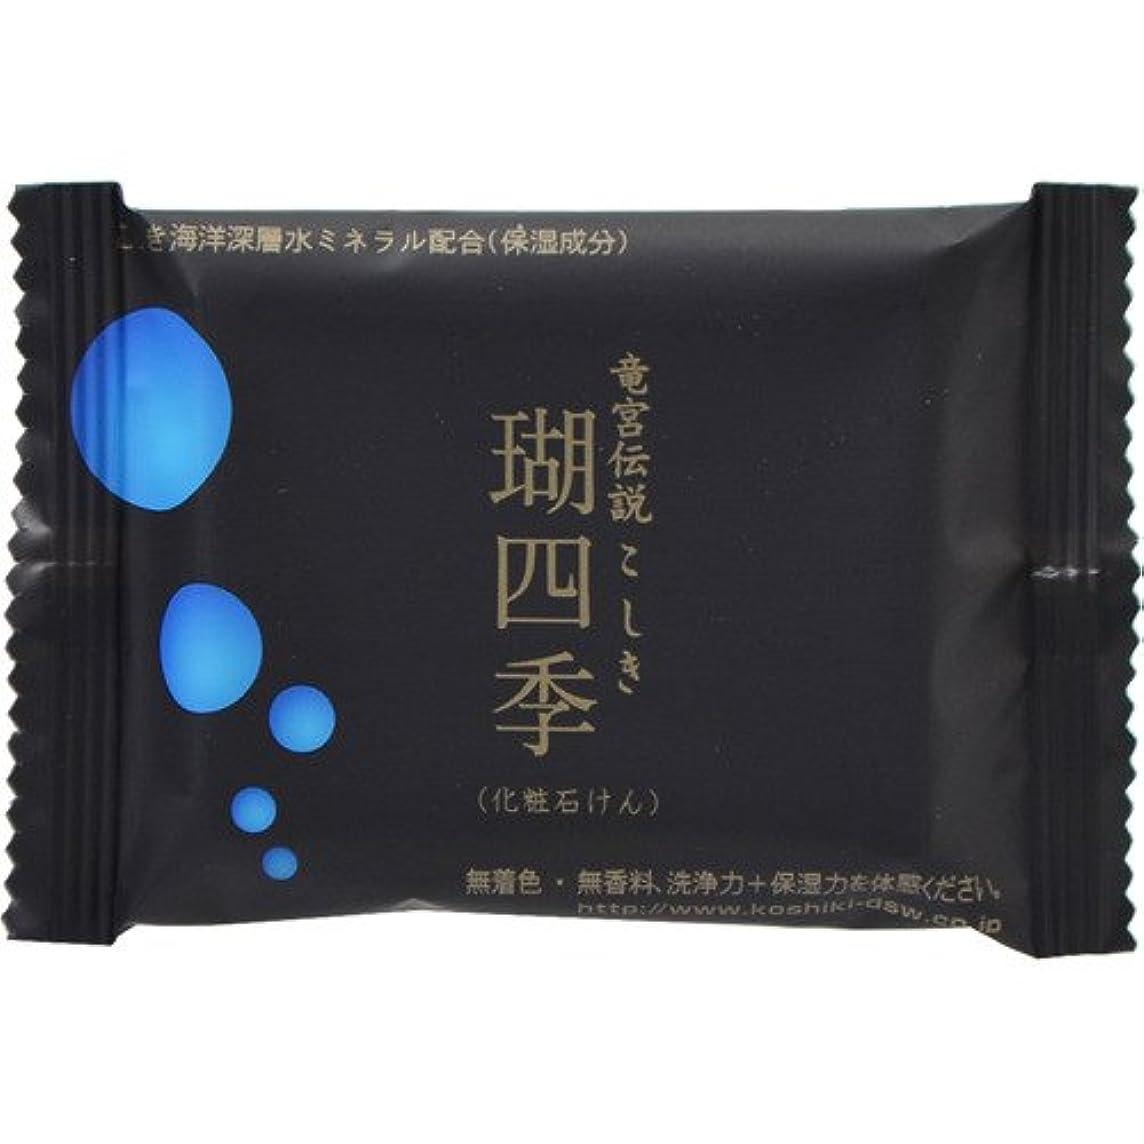 ピストルピア理論的瑚四季 化粧石鹸 30g